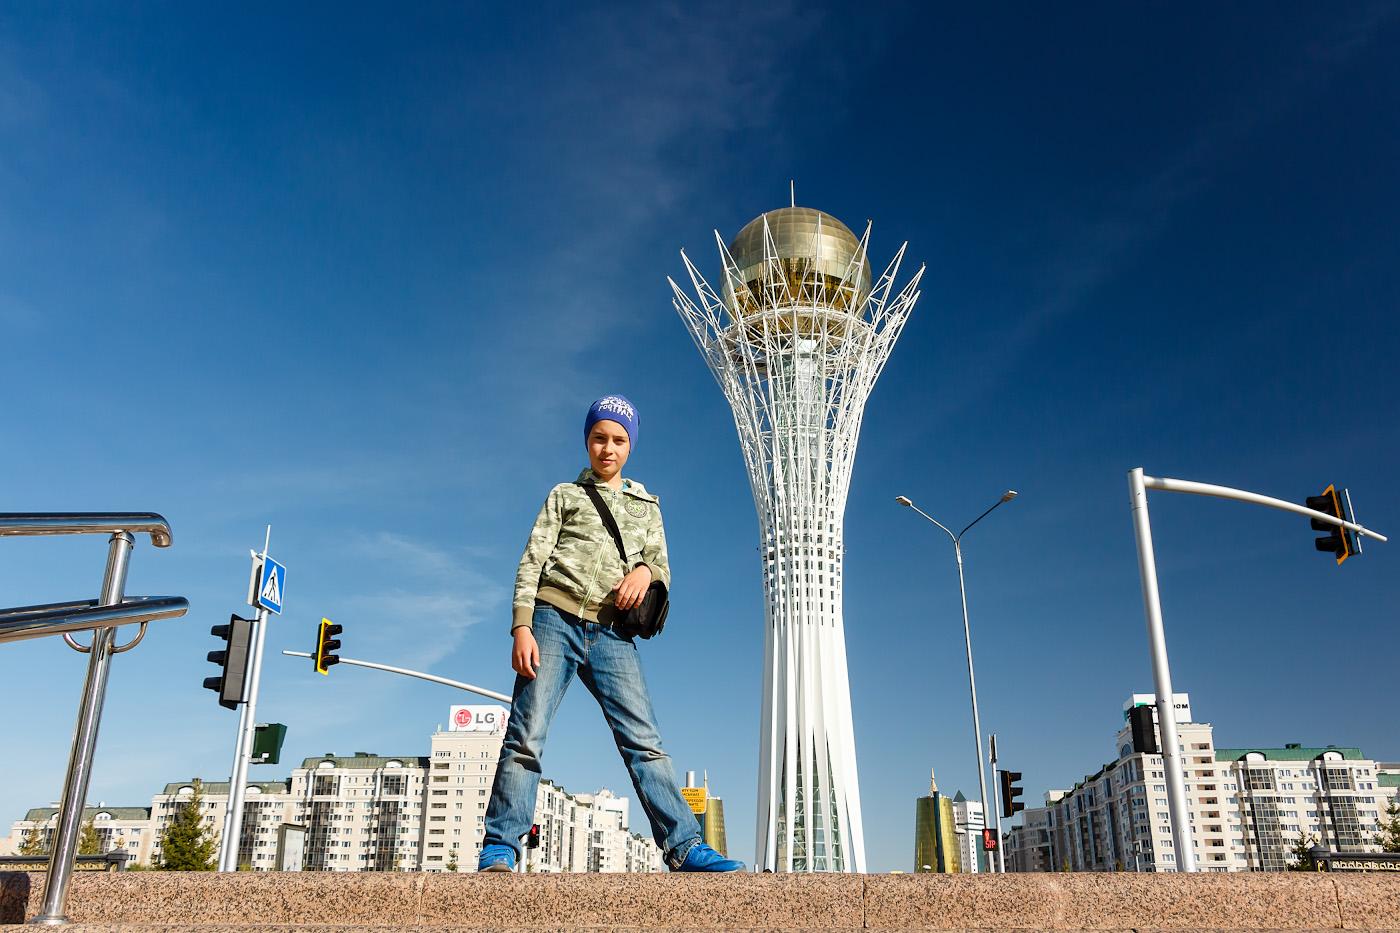 Фотография 16. Монумент «Астана-Байтерек» - визитная карточка города. Отзывы туристов о поездке в Казахстан на авто. 1/500, +0.3, 6.3, 200, 19.